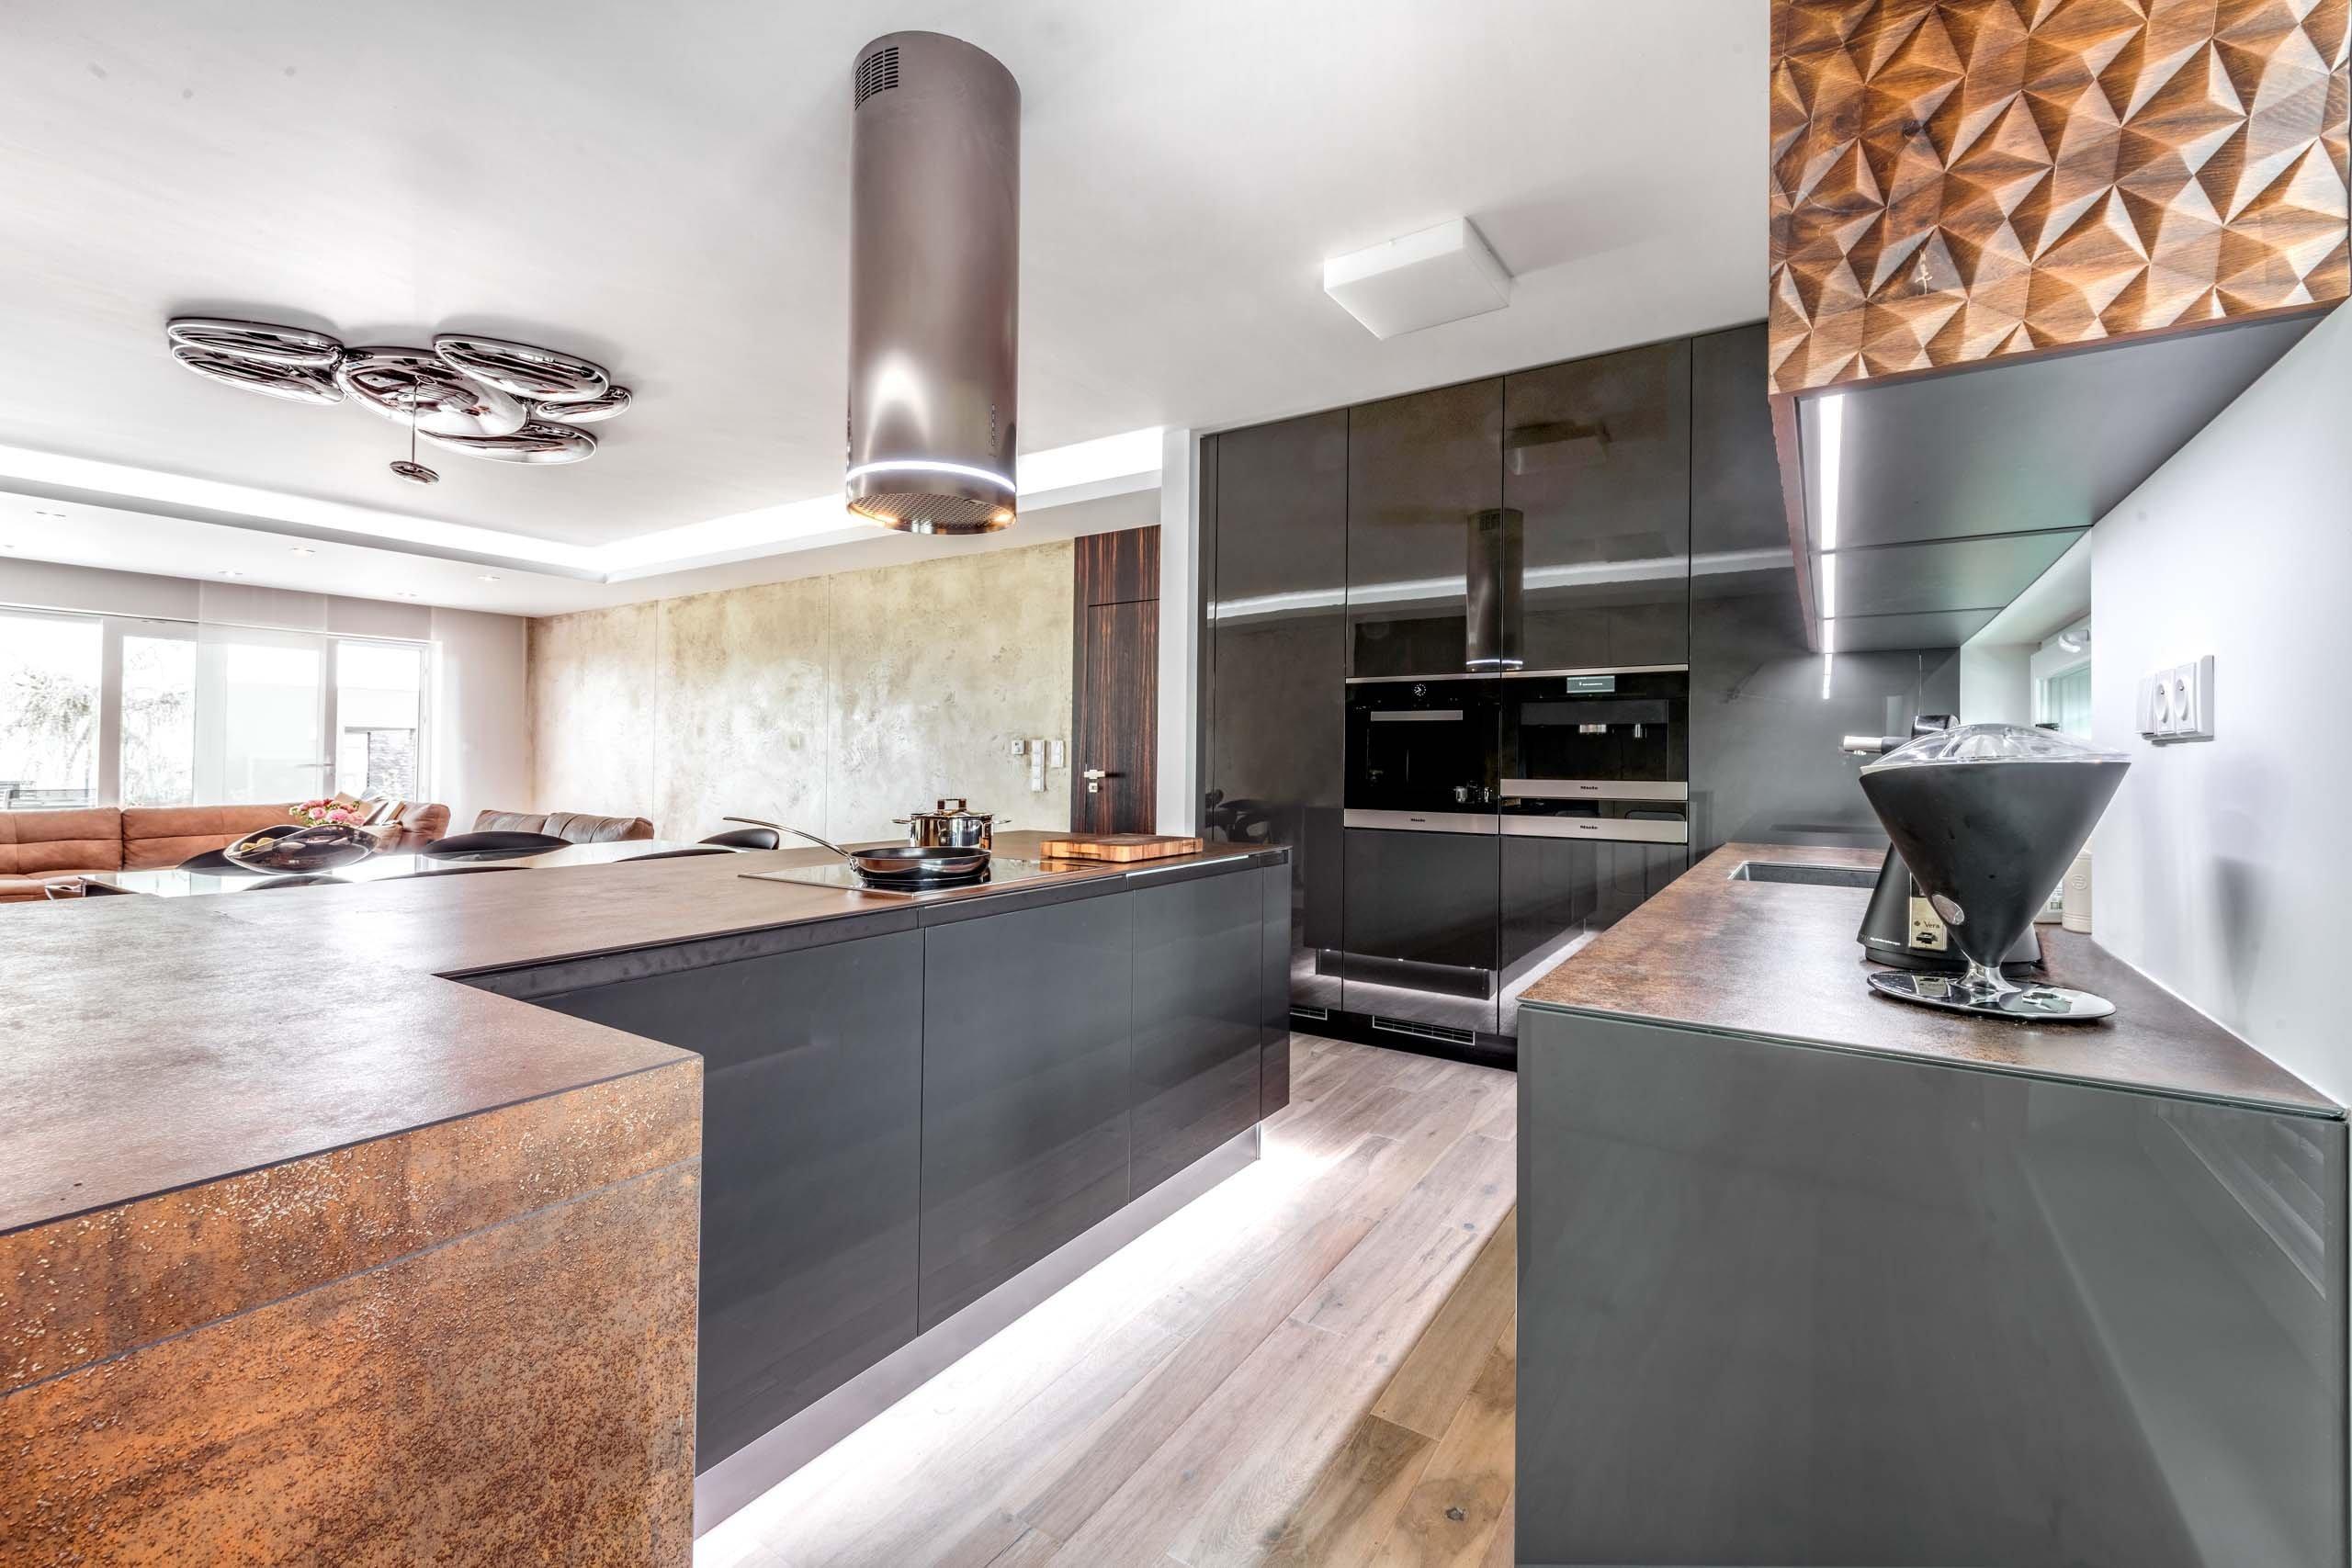 Kuchyně DIAMOND | ANTRACIT GLOSS JEDINEČNÝ 3D DESIGN. VÍCE VRSTEVNATÉ ZÁŽITKY.    Průmyslová revoluce v domácím podání. Luxusní modernistická…